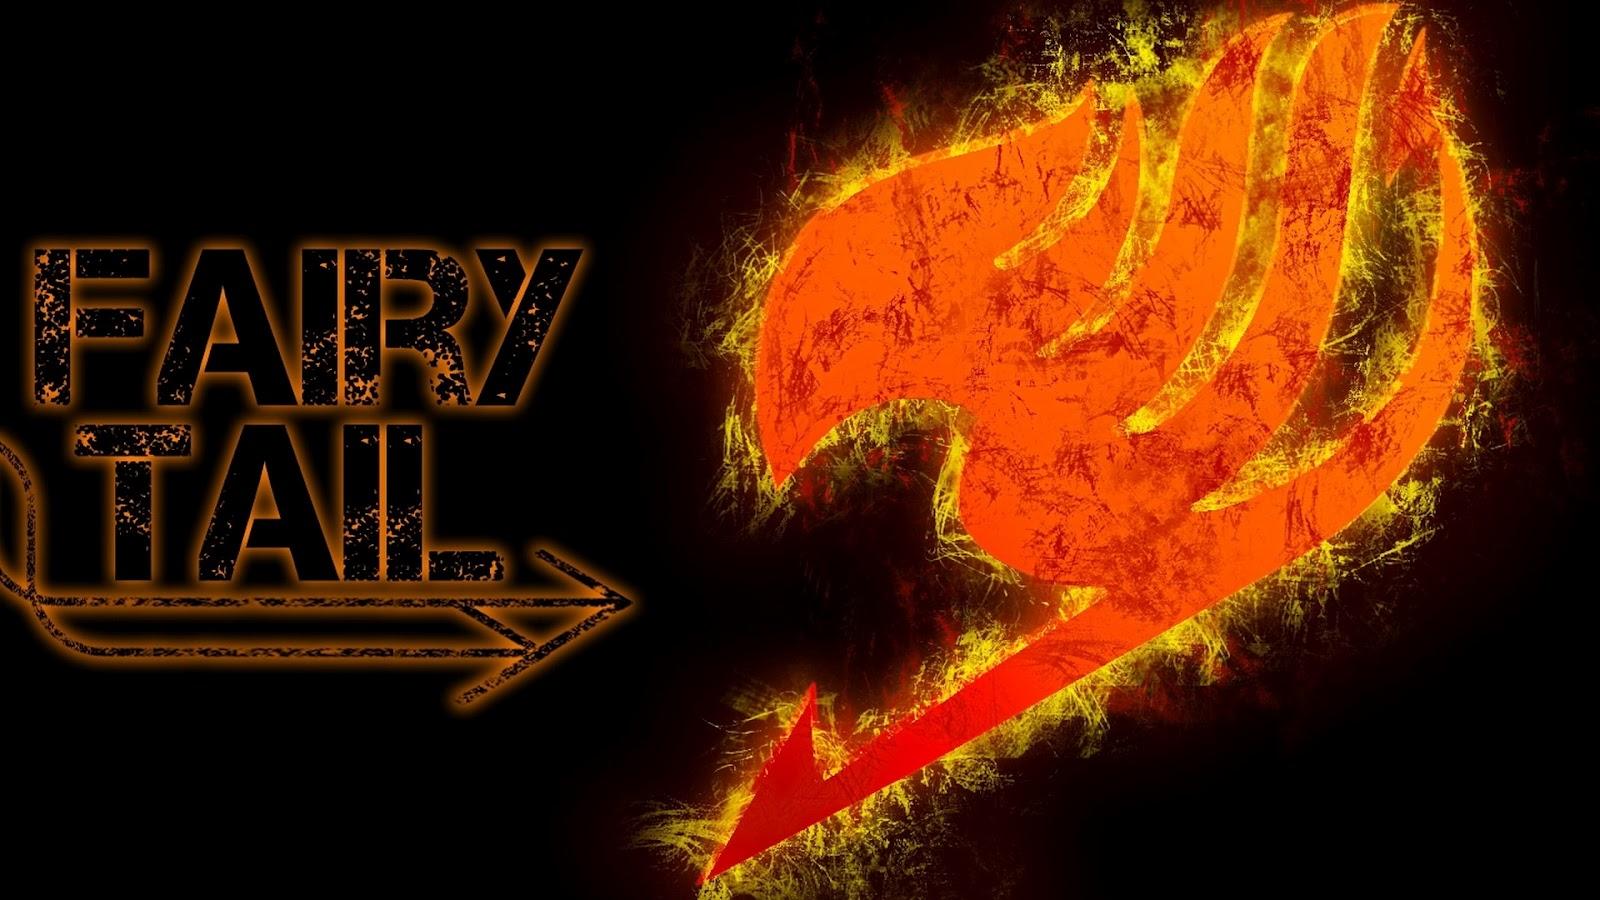 http://2.bp.blogspot.com/-V33Qen4CtvY/UCwtYG94ueI/AAAAAAAAFTg/dSSGEQUaTxU/s1600/Fairy_Tail_Wallpaper4.jpg